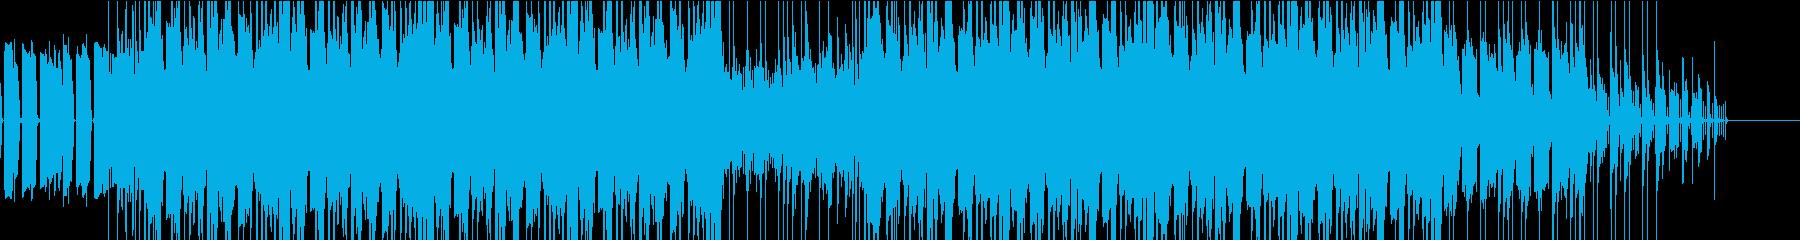 【高クオリティ】ベース始まり!バンド感!の再生済みの波形